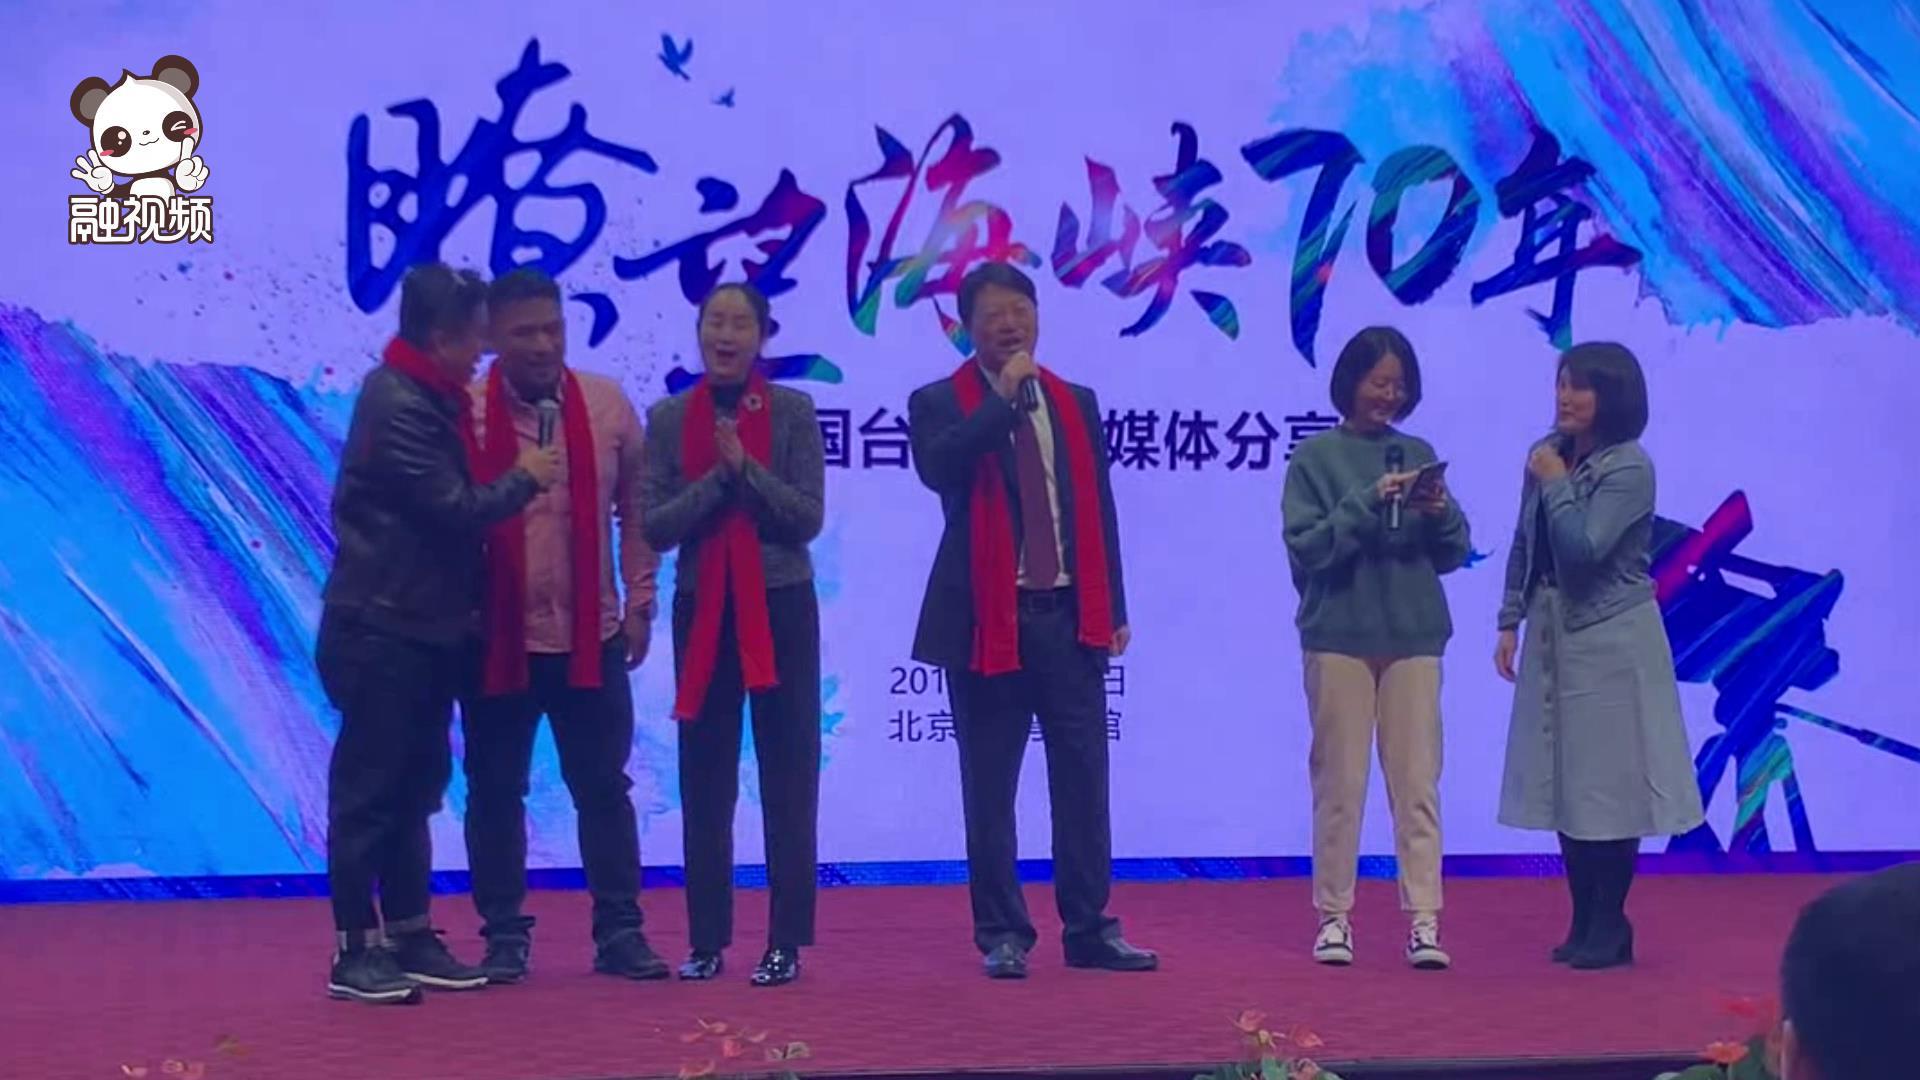 兩岸媒體人共唱《愛拼才會贏》圖片